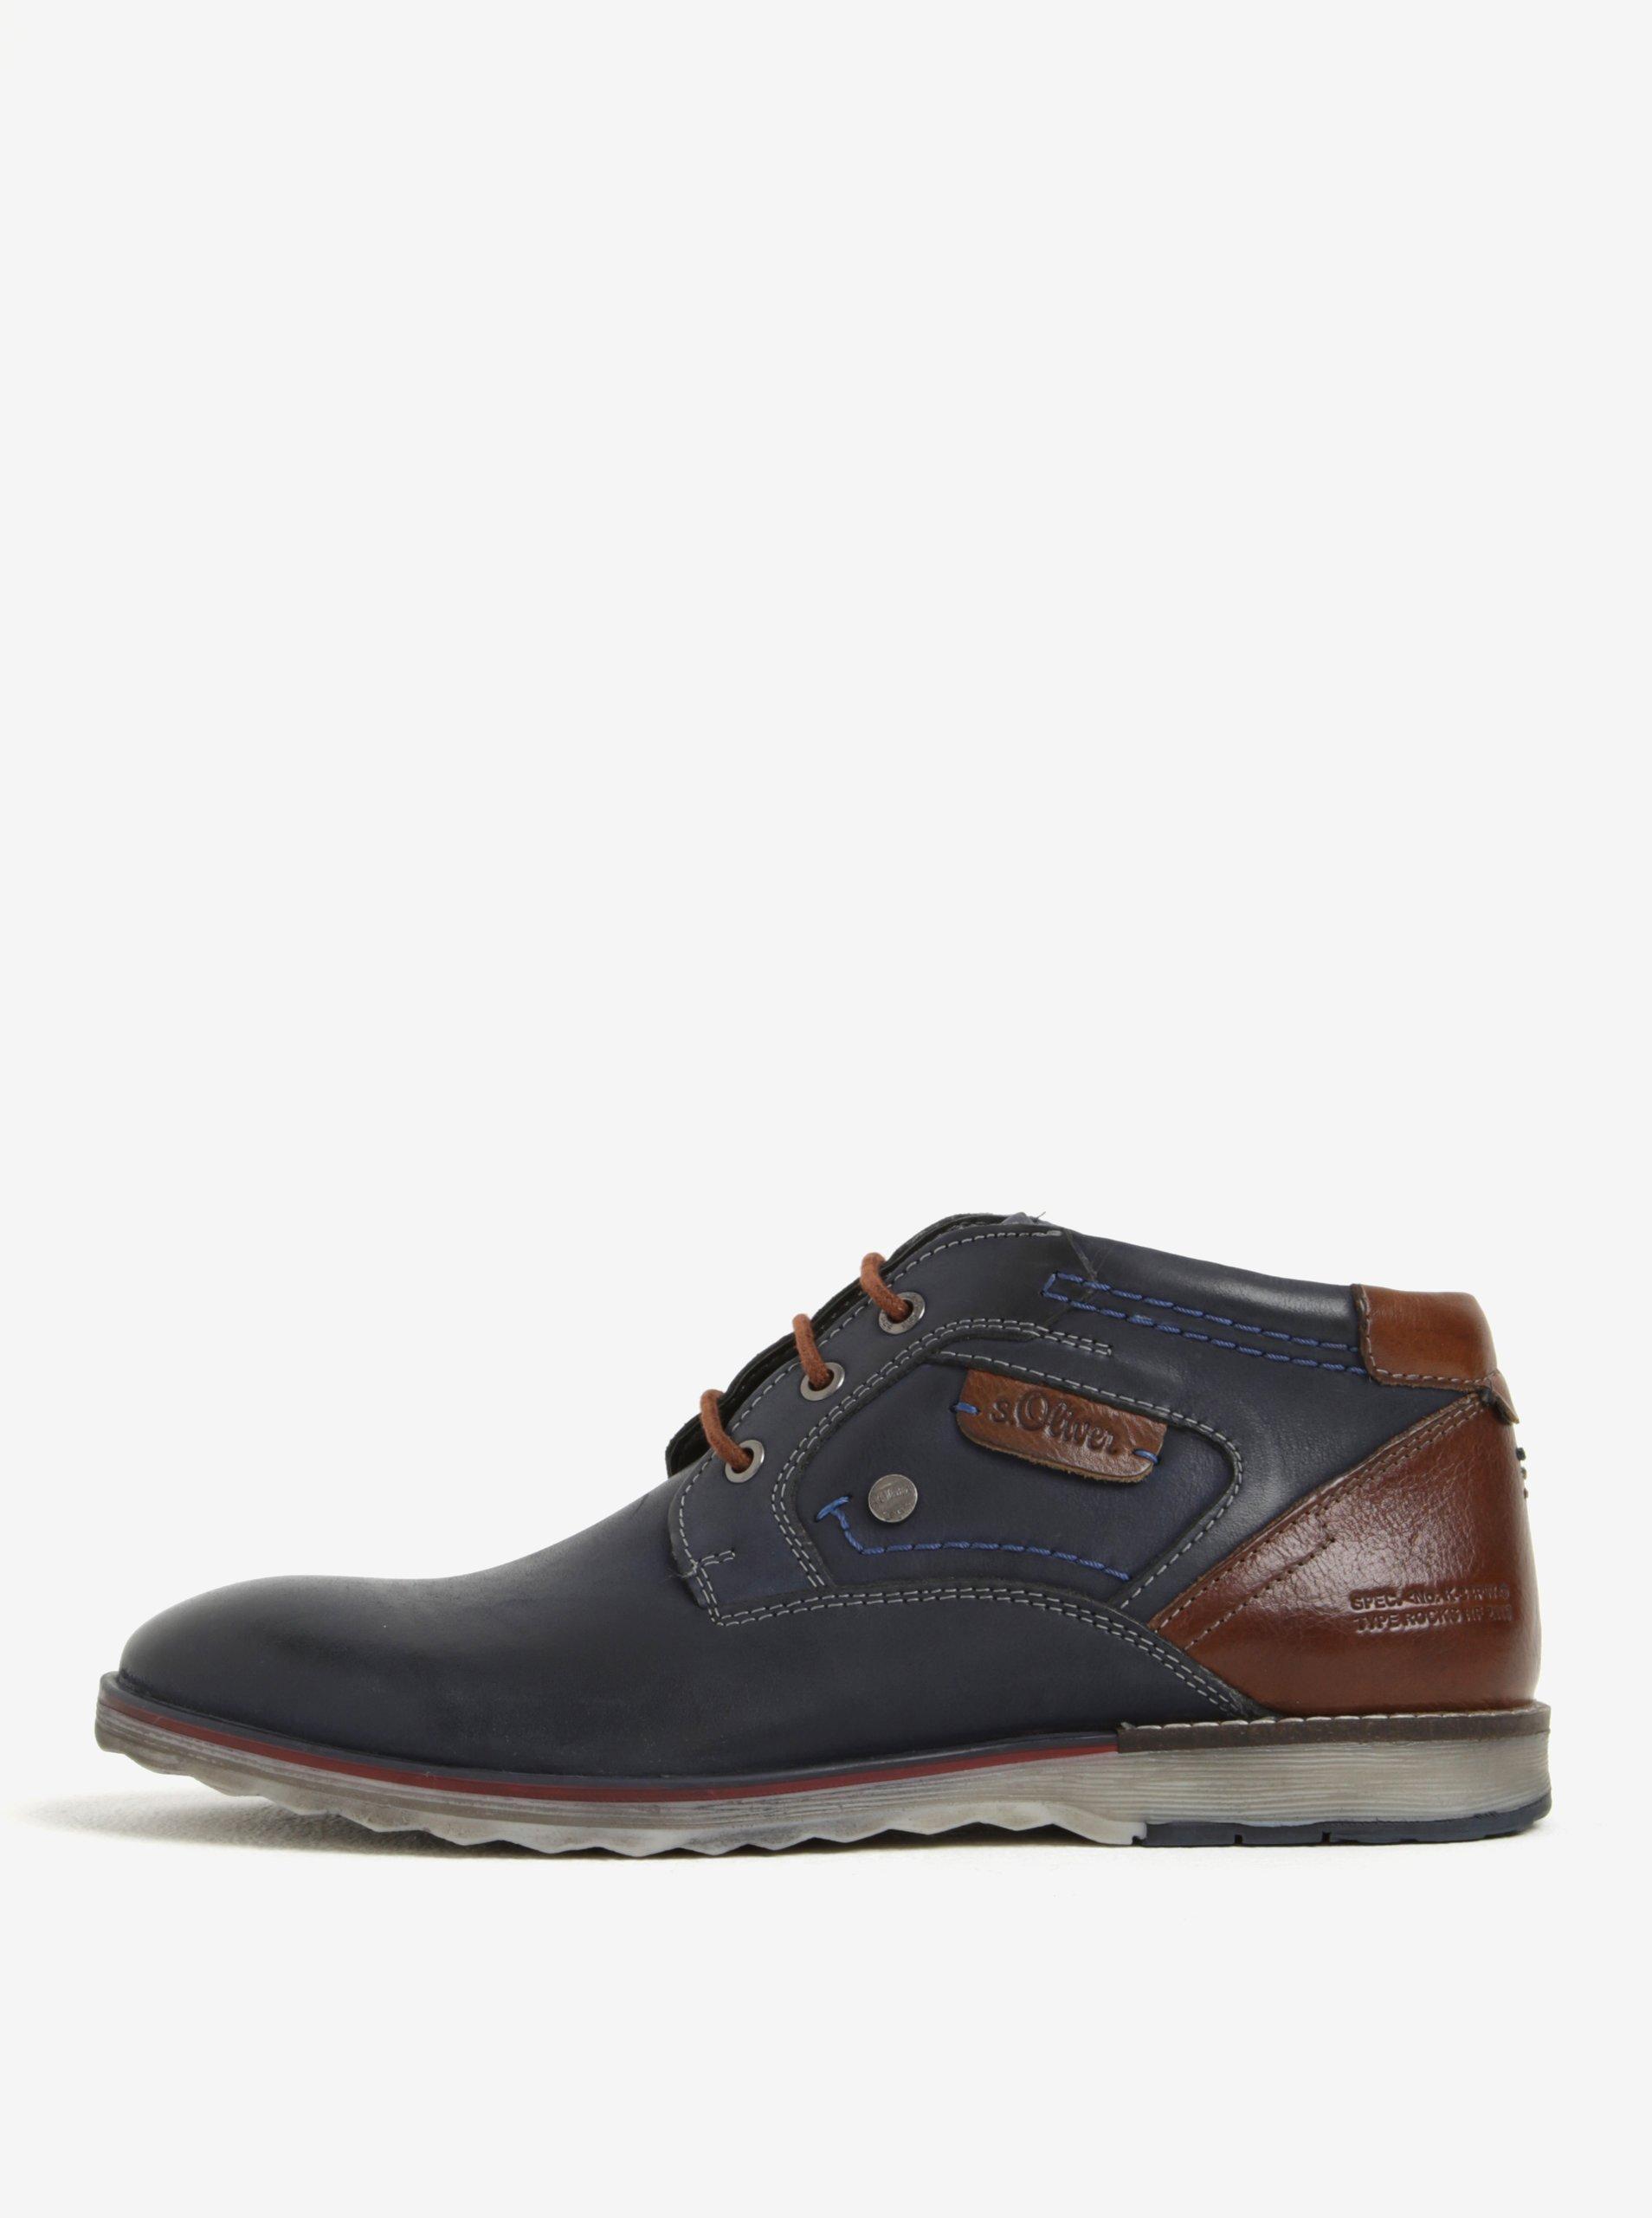 Tmavomodré pánske kožené členkové topánky s.Oliver